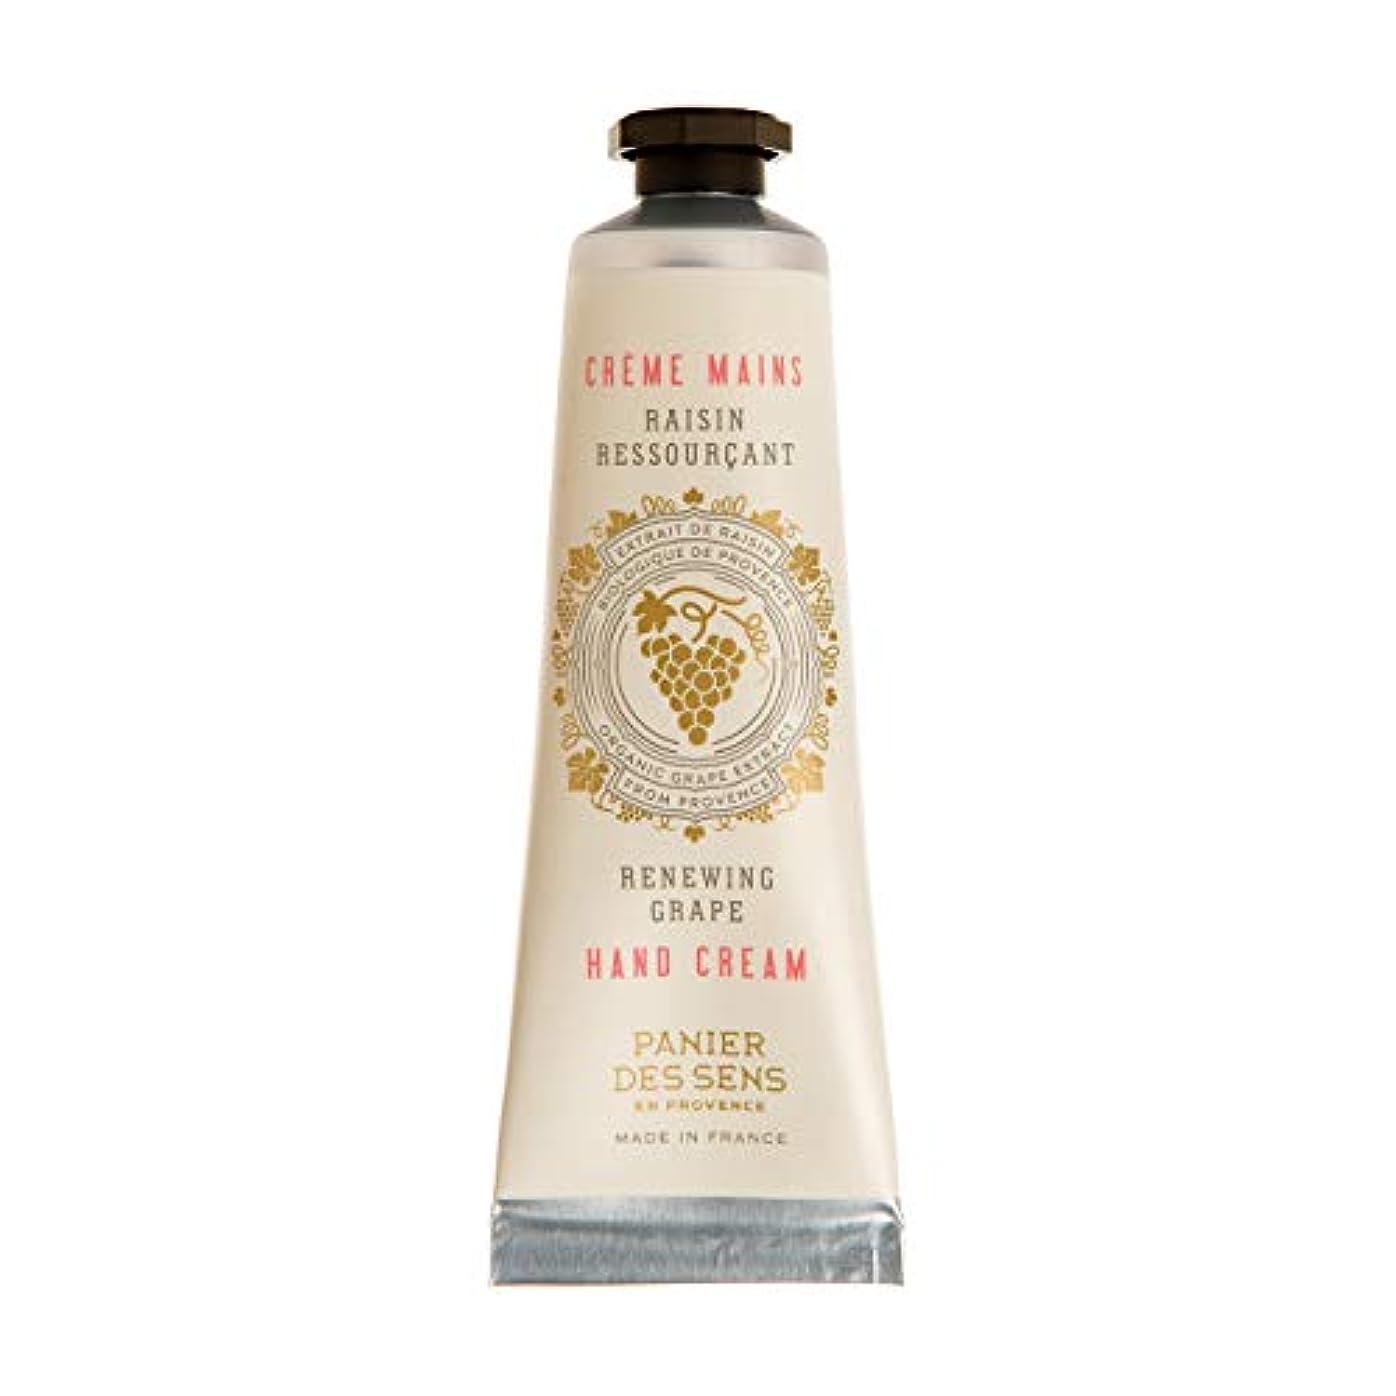 小川テクトニックペンフレンドパニエデサンス ハンドクリーム ホワイトグレープのフレッシュな香り 30mL(手肌用保湿 フランス製)